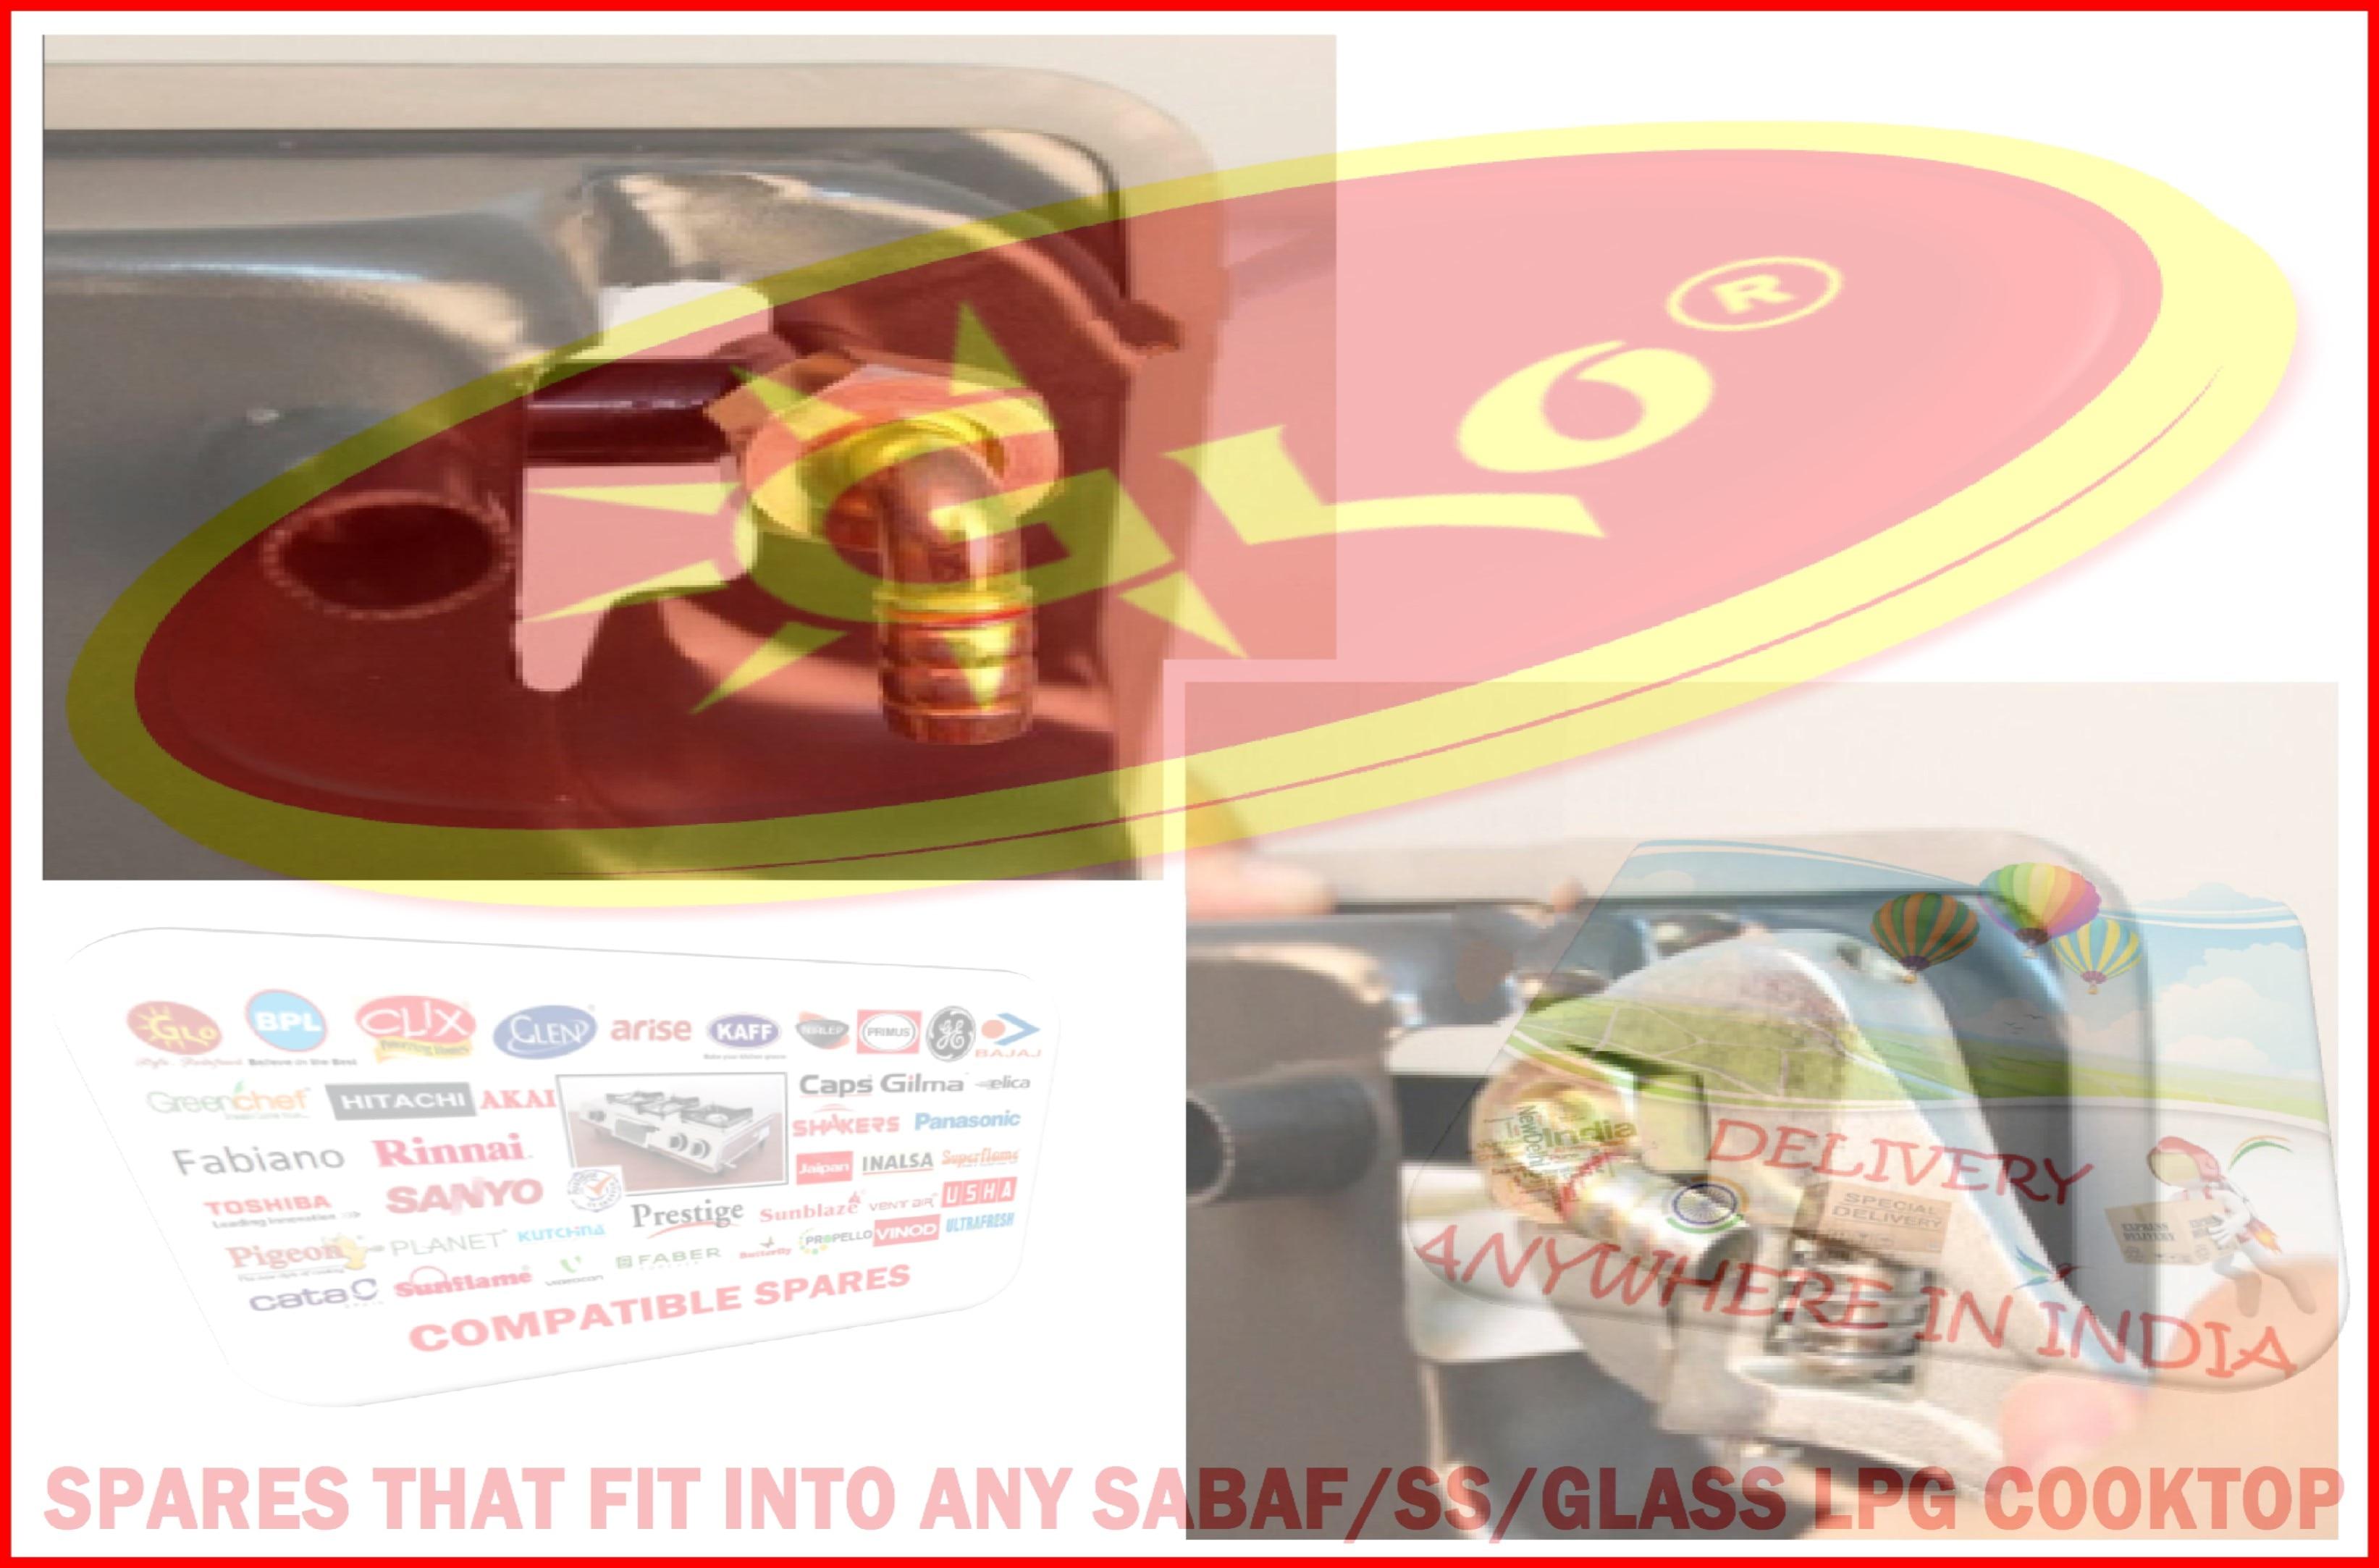 YOUR SEARCH ENDS HERE  Now any Teflon/SS/Glass/Granite LPG COOKTOP SPARES of Major Cooking-Stove Brands can be SHIPPED across to ANYWHERE you stay in INDIA & SAARC Nations.  Its a very common experience to get MISLD by Unscupulous Search Sites like Just-Dial, Sulekha, Tamboori, etc who mislead you into calling half-baked mistries during a   gas-stove-emergency into your kitchen for your stainless-steel-gas-stove-service without even carrying proper tools or gas-stove-spare-parts, like gas-burner,   suraksha-pipe, lpg-hose, suraksha-hose, lpg-pipe, sabaf-burners, super-big-burners, triple-ring-burners, china-glass-top-spares, china-granite-top-cooktops, peizo-  ignition, auto-ignitor-assembly, auto-ignition-valves, on-off-knobs,  whirlo-brass-top-burners, china-glass-spare-parts, china-glass-burners. One can only IMAGINE their capabilities without having critical cooktop-spares in a situation of glasstop-crack, knob-breakage, burner-leakage, glass-top-breakage,   gas-stove-leak, gas-stove-leakage.  No wonder they soon display their TRUE INTENTIONS, Instantly by slowly brainwashing you into EXCHANGING your favorite possession by saying that it has become obsolete,   the company is no more, spares are no more available, etc.  BEWARE of such CROOKS.  A True SERVICE CENTRE would rather suggest you ways and means of saving your Hard-Earned Money by trying to increase your Gadgets's life and Sparing you the PAIN of   Letting it go for SCRAPPING.  Lpg Cooktop Spares which are Multi-Brand (gas-stove, lpg-gas-stove, , cooking-range, lpg-gas-cooktop, gas-oven, gas-chulha, glass-top-cook-top) compatible like,   ceramic spark plugs, mixing tubes, brasstops of any diameter, sabaf tops of any make, knobs of any make, rubber legs, steel parts of any cooktops, gas-stove-pan-  supports, gas-stove-rubber-legs, standyby-lpg-regulator,  gas-leak-detectors, standby-cylinder, gas-leak-alarms, 2kg-cylinder, 4kg-cylinder, gas-lighter, lpg-  trolley, cast iron or alloy burners....can be arra